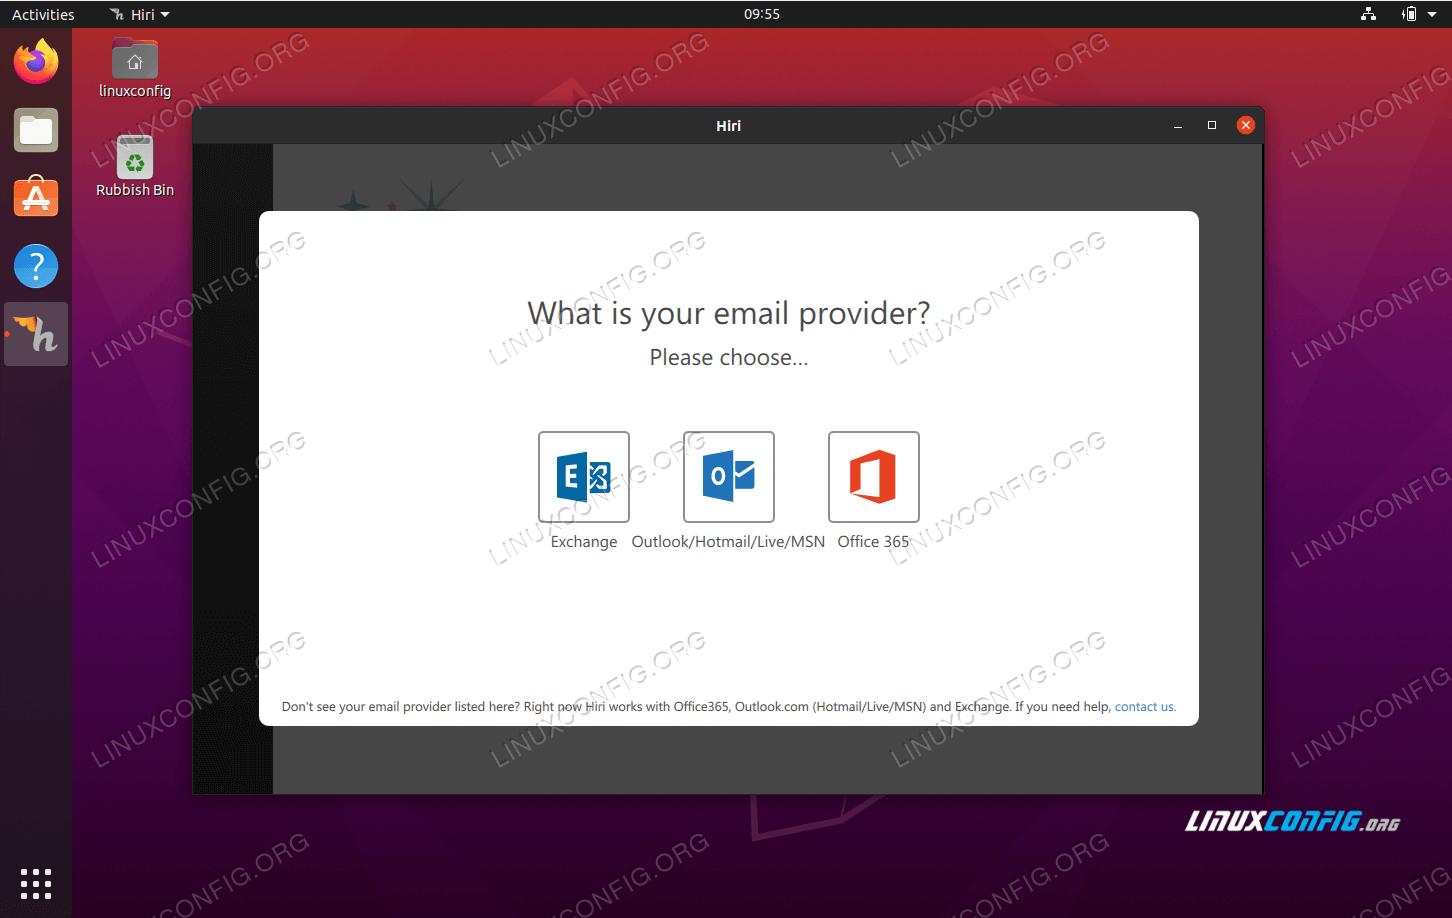 настольный почтовый клиент hiri на Ubuntu 20.04